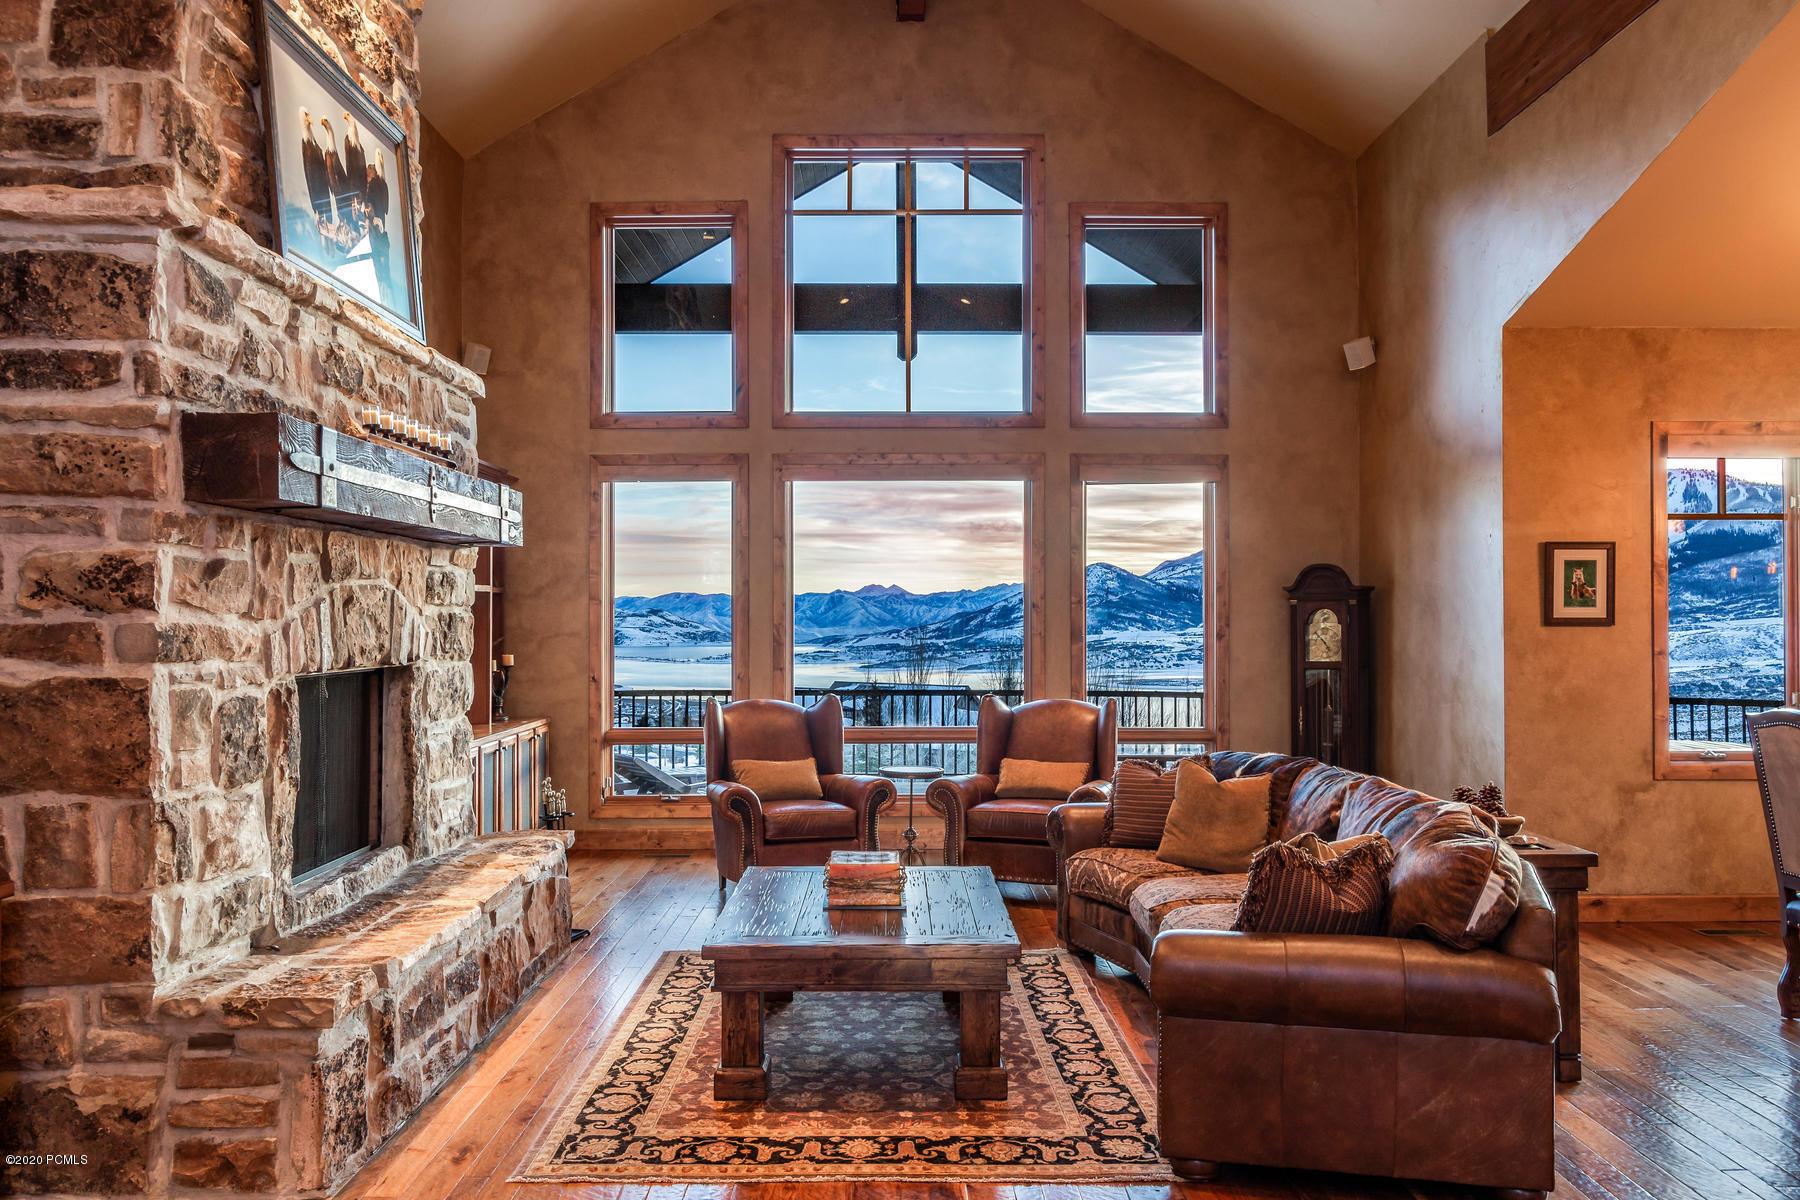 12664 Mud Springs Circle, Kamas, Utah 84036, 4 Bedrooms Bedrooms, ,4 BathroomsBathrooms,Single Family,For Sale,Mud Springs,12000015